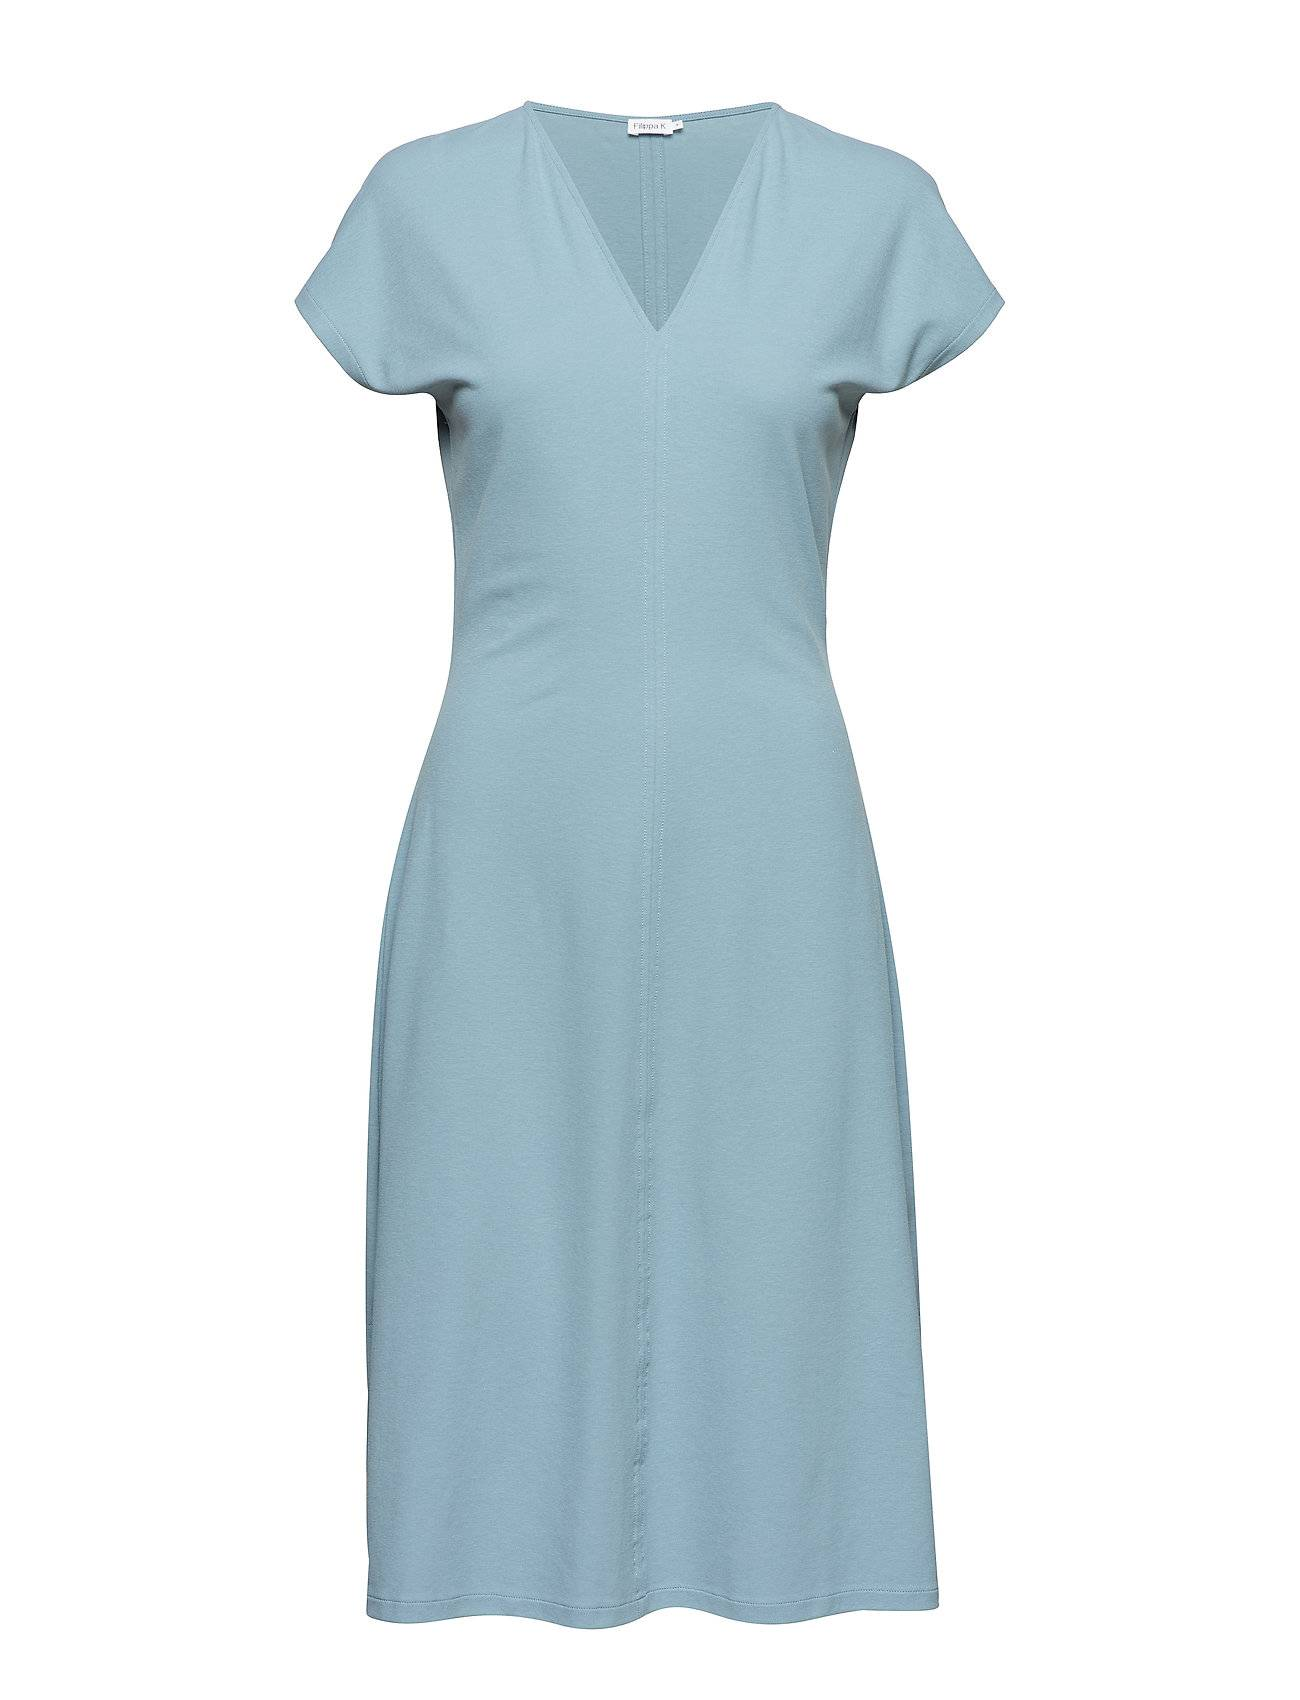 Filippa K Clean-Cut Cap Sleeve Dress Polvipituinen Mekko Sininen